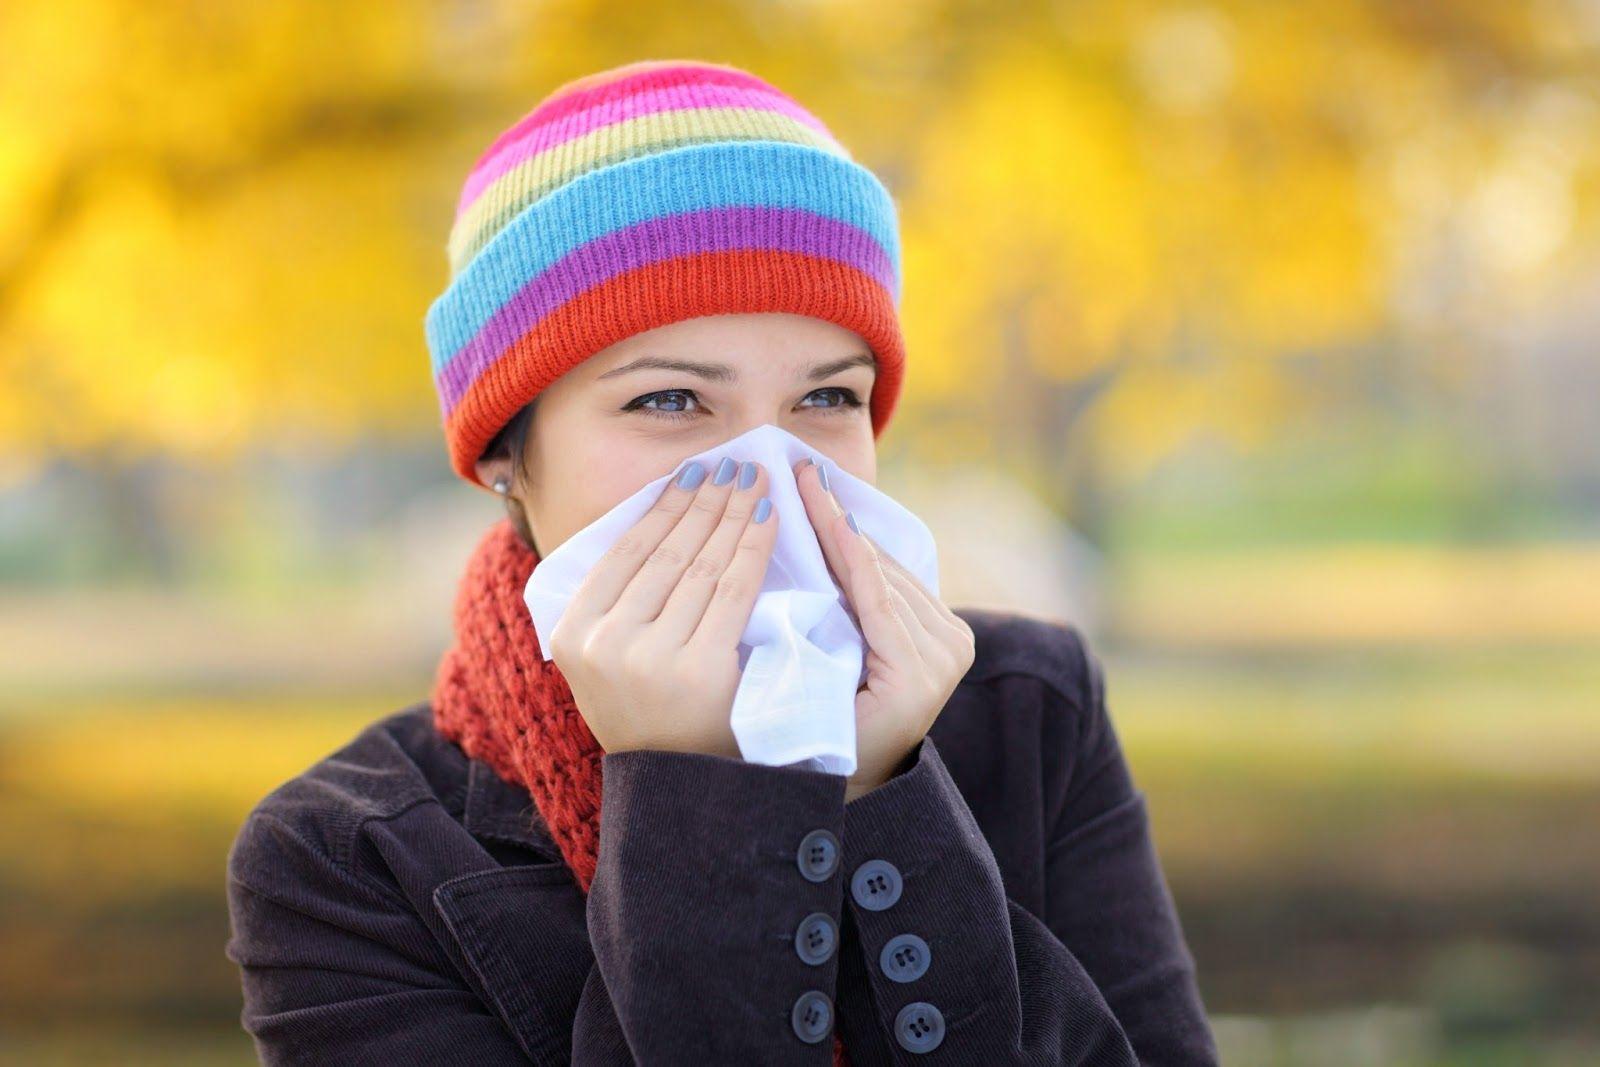 AIRLIFE te informa. Esta temporada se caracteriza por viento fuerte que tira las hojas de los árboles y con ello el polen y polvo flotan en el ambiente ocasionando en muchas personas reacciones alérgicas importantes, sobre todo en enfermos de asma y otros padecimientos pulmonares y bronquiales.